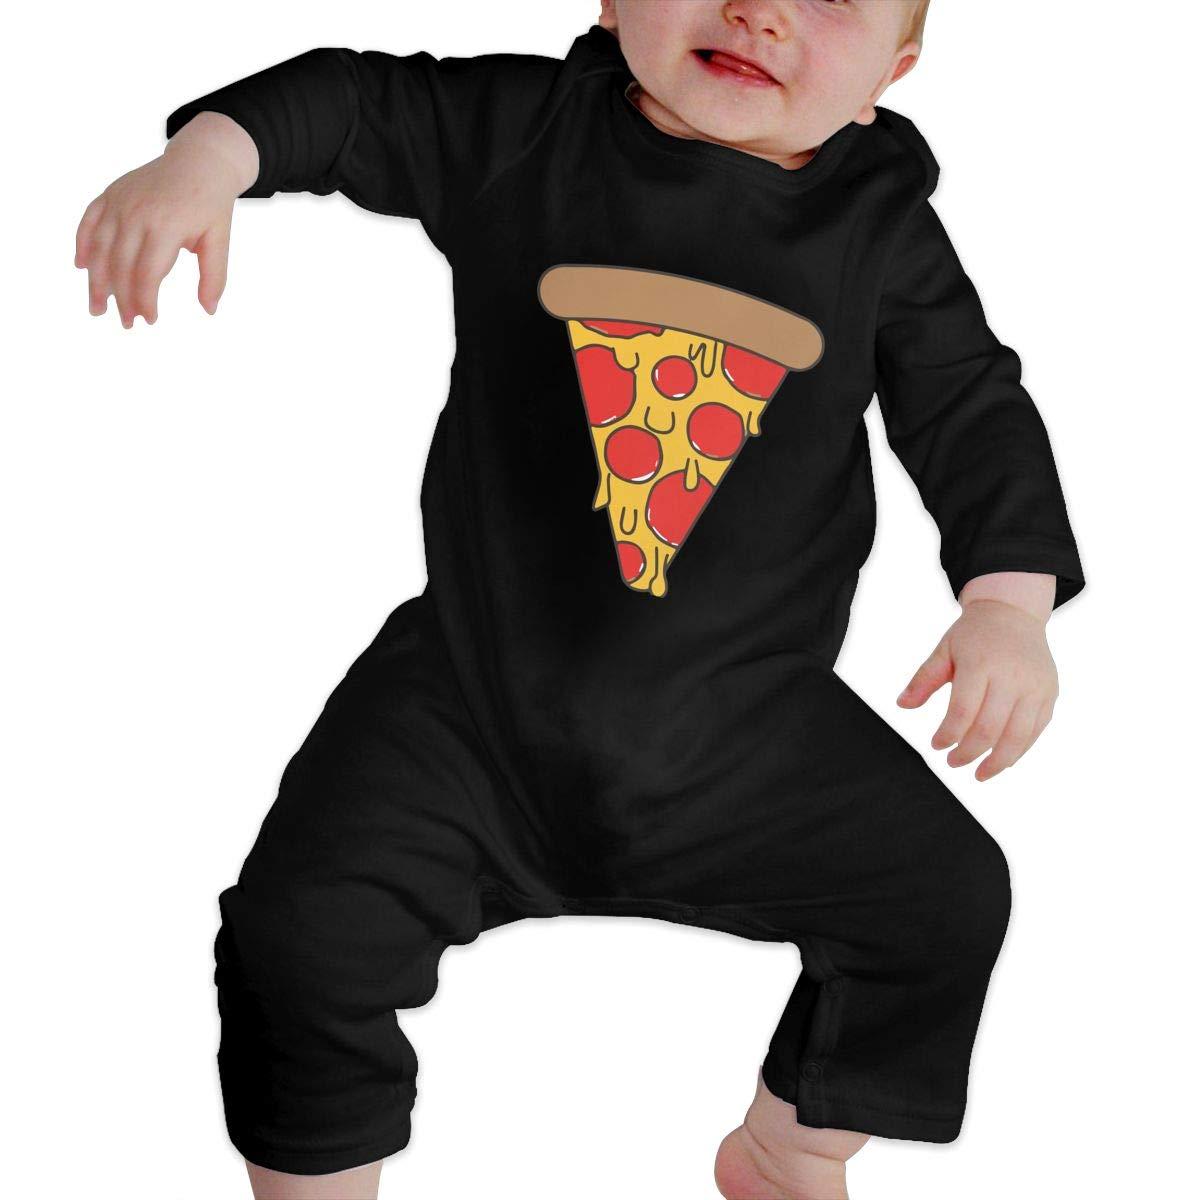 Cute Want A Pizza Cotton Crawling Suit Jumpsuit Db84UR@5p Infant Baby Girls Boys Long Sleeve Bodysuit